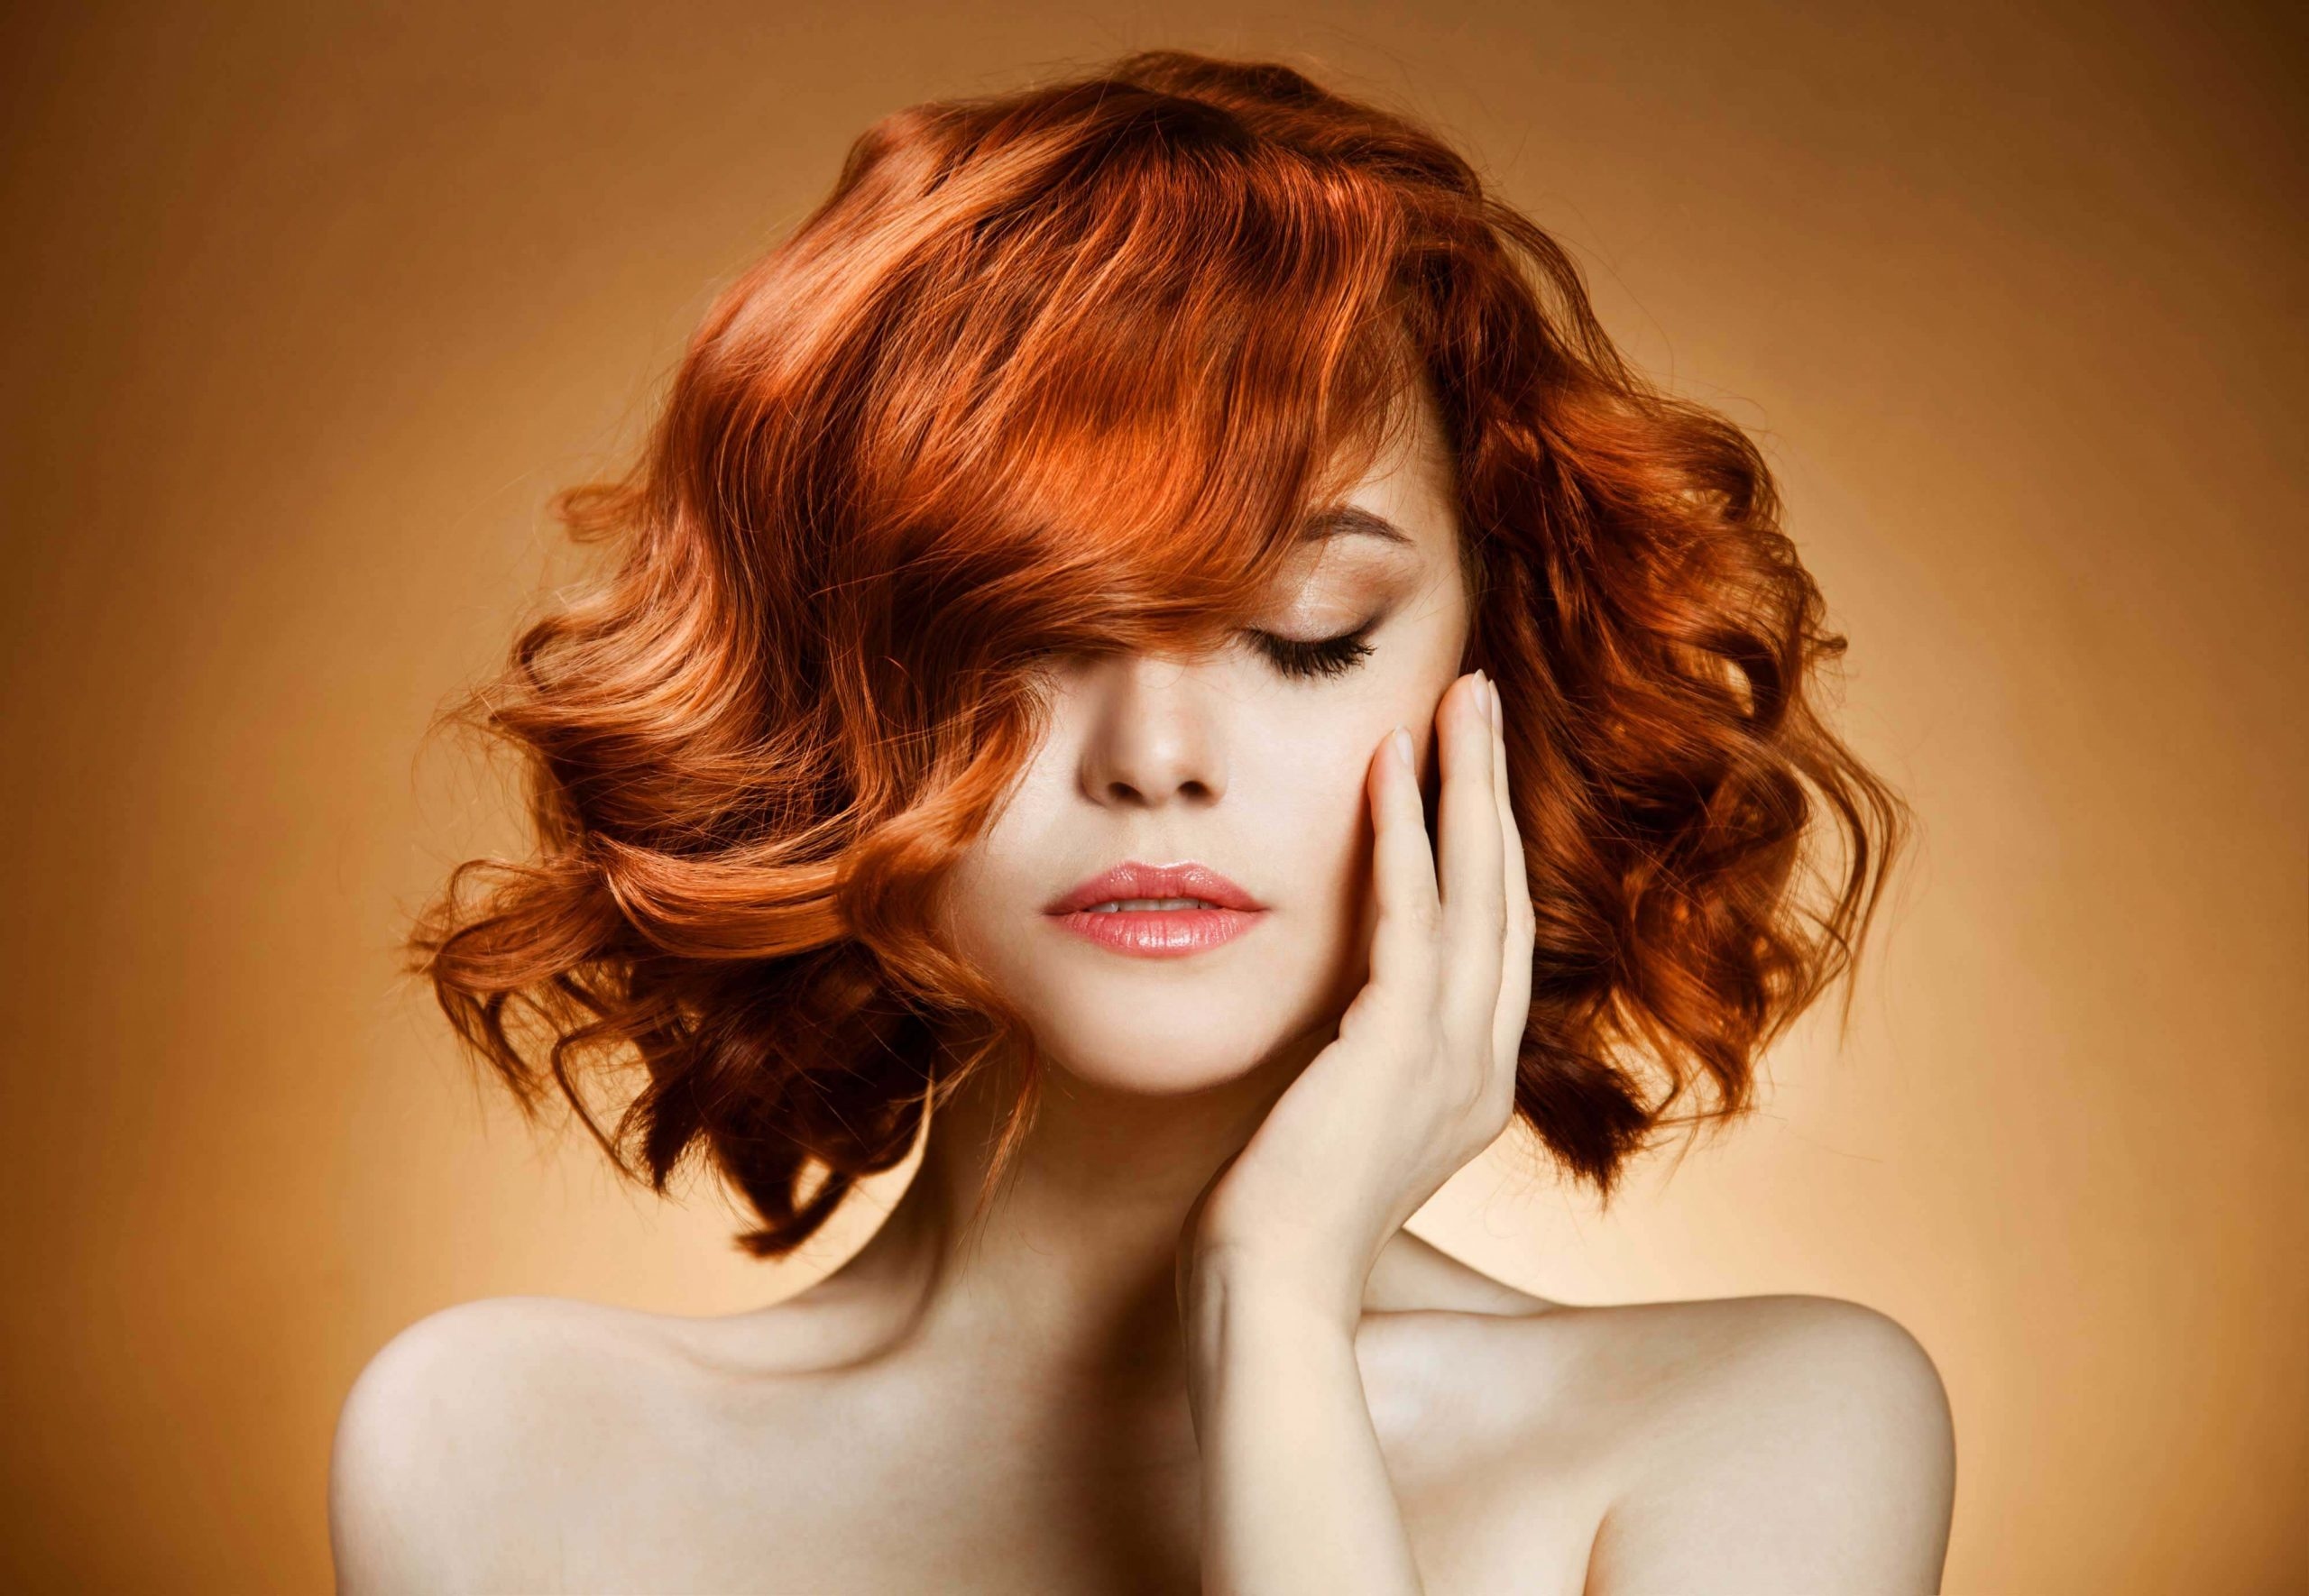 Capelli Hair Evite Queda de cabelo Feminino cabelos de clientes perfeitos